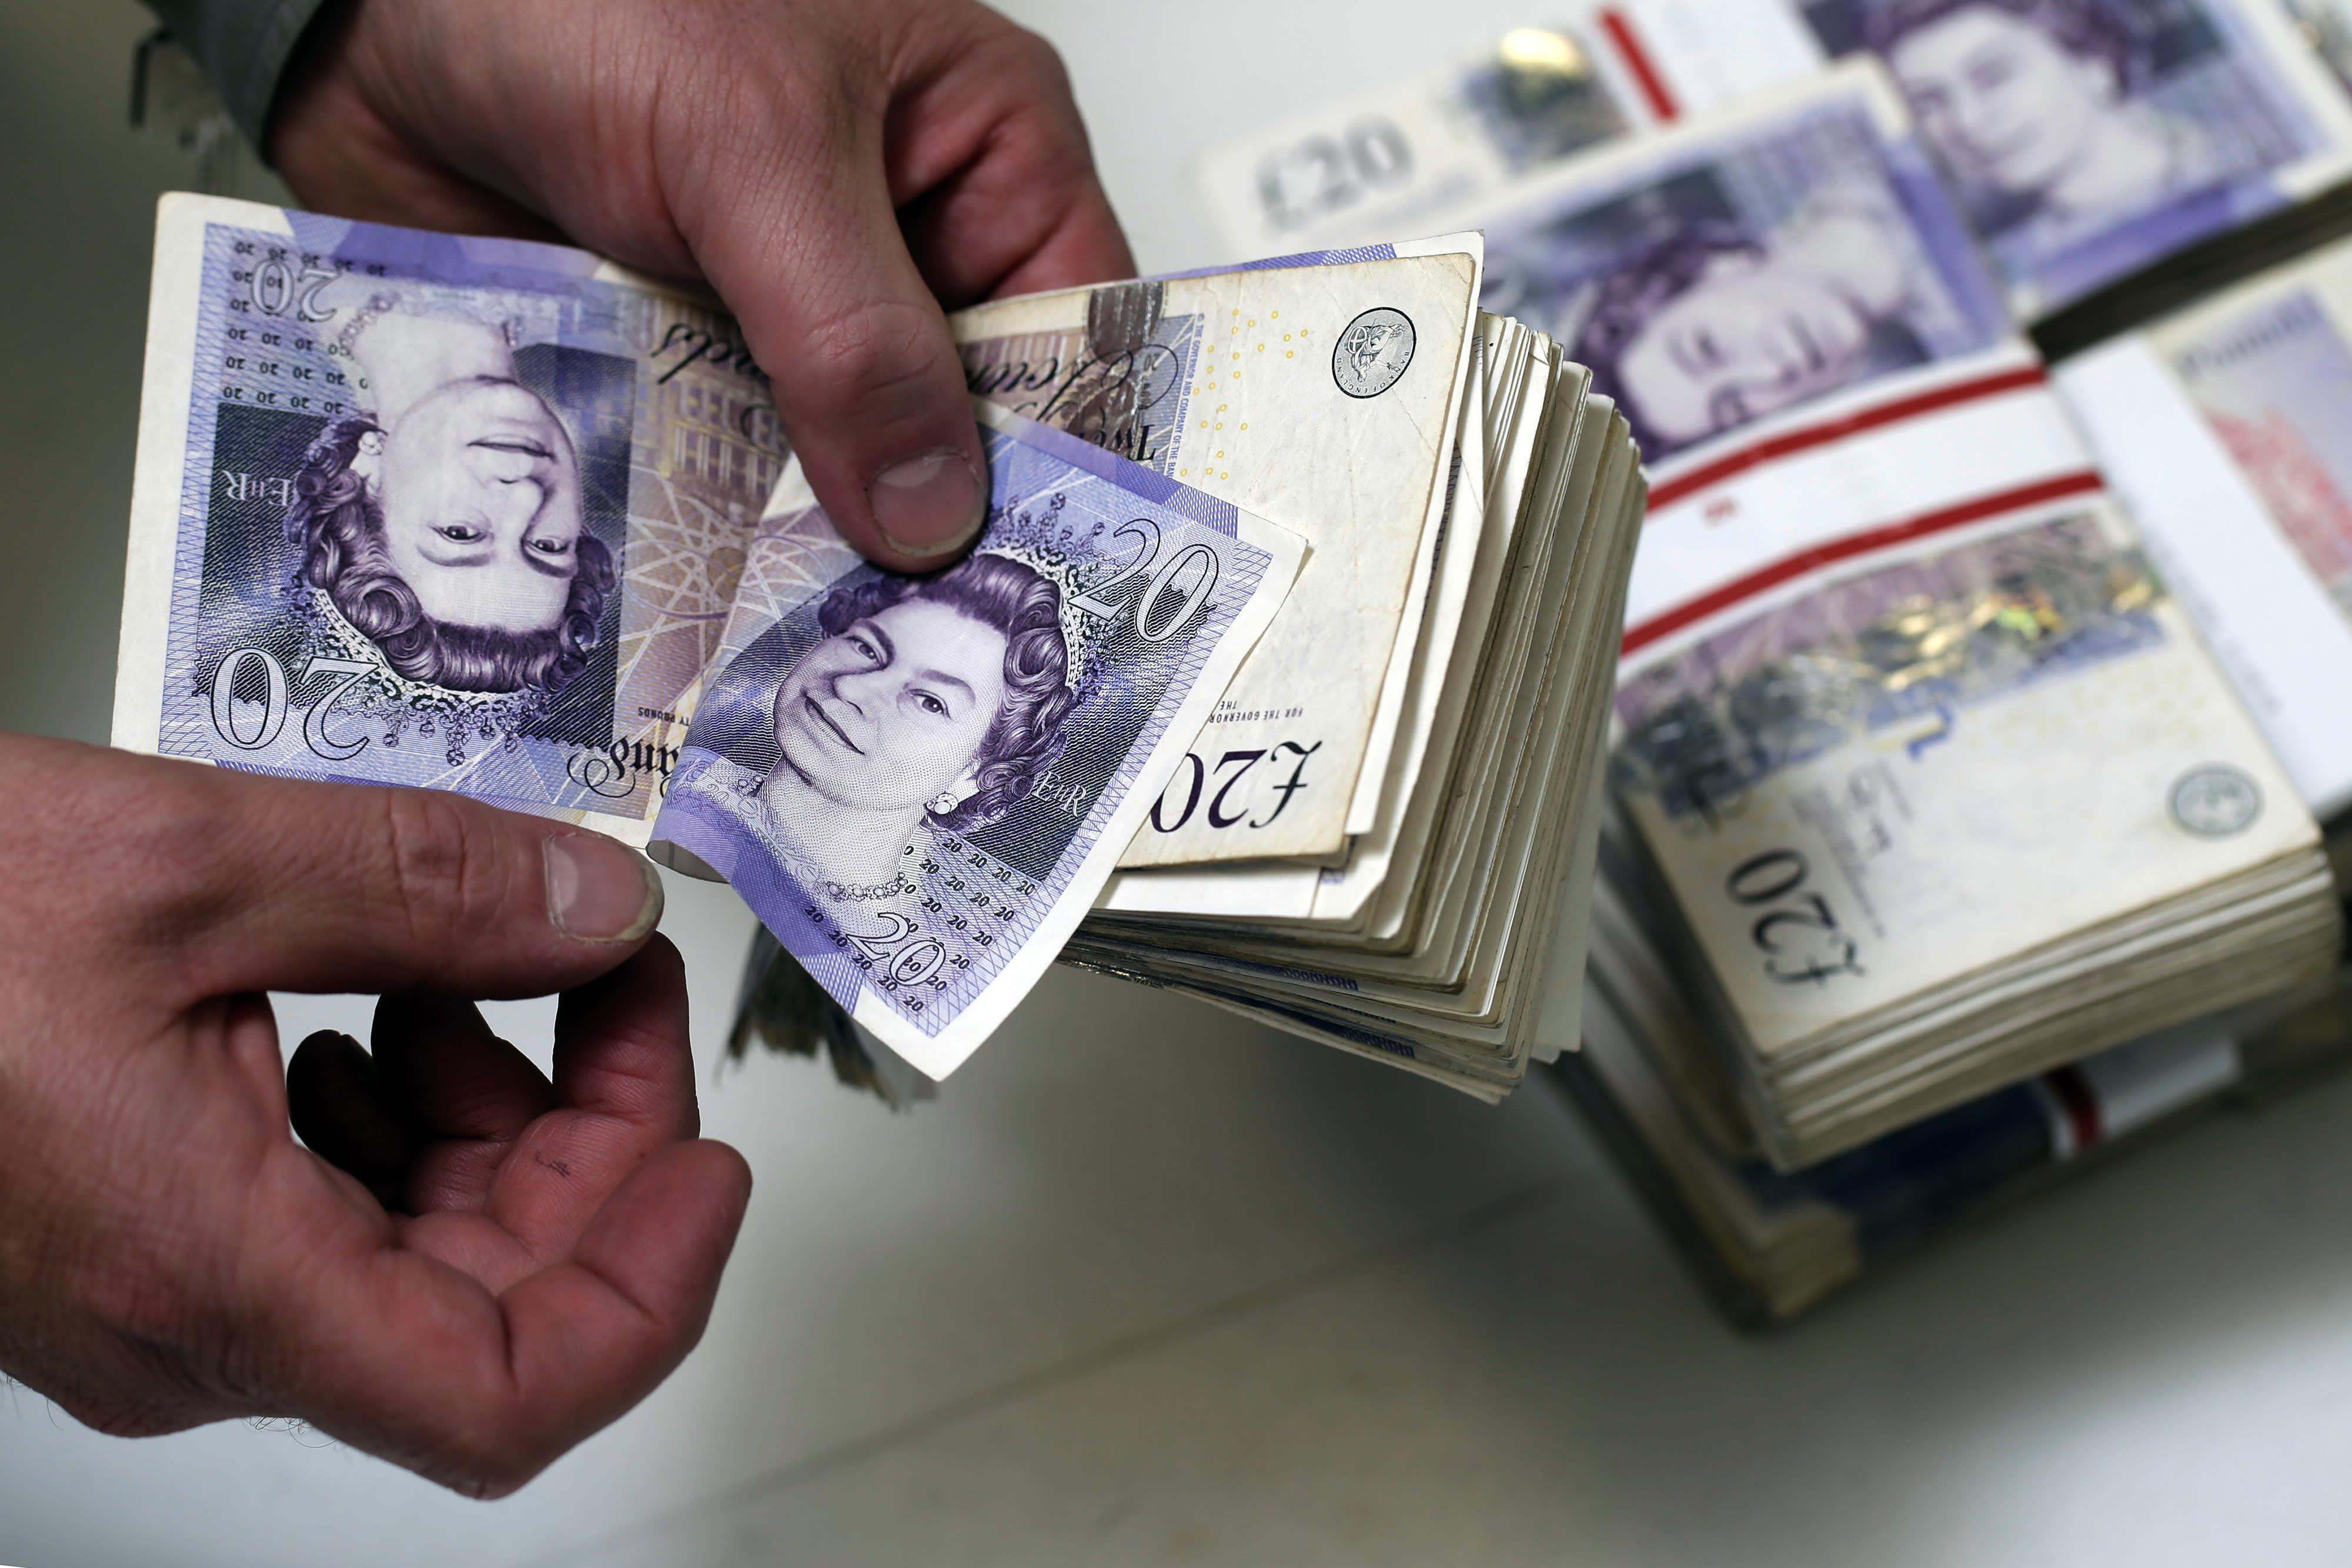 AJ Bell assets fall amid market tumult